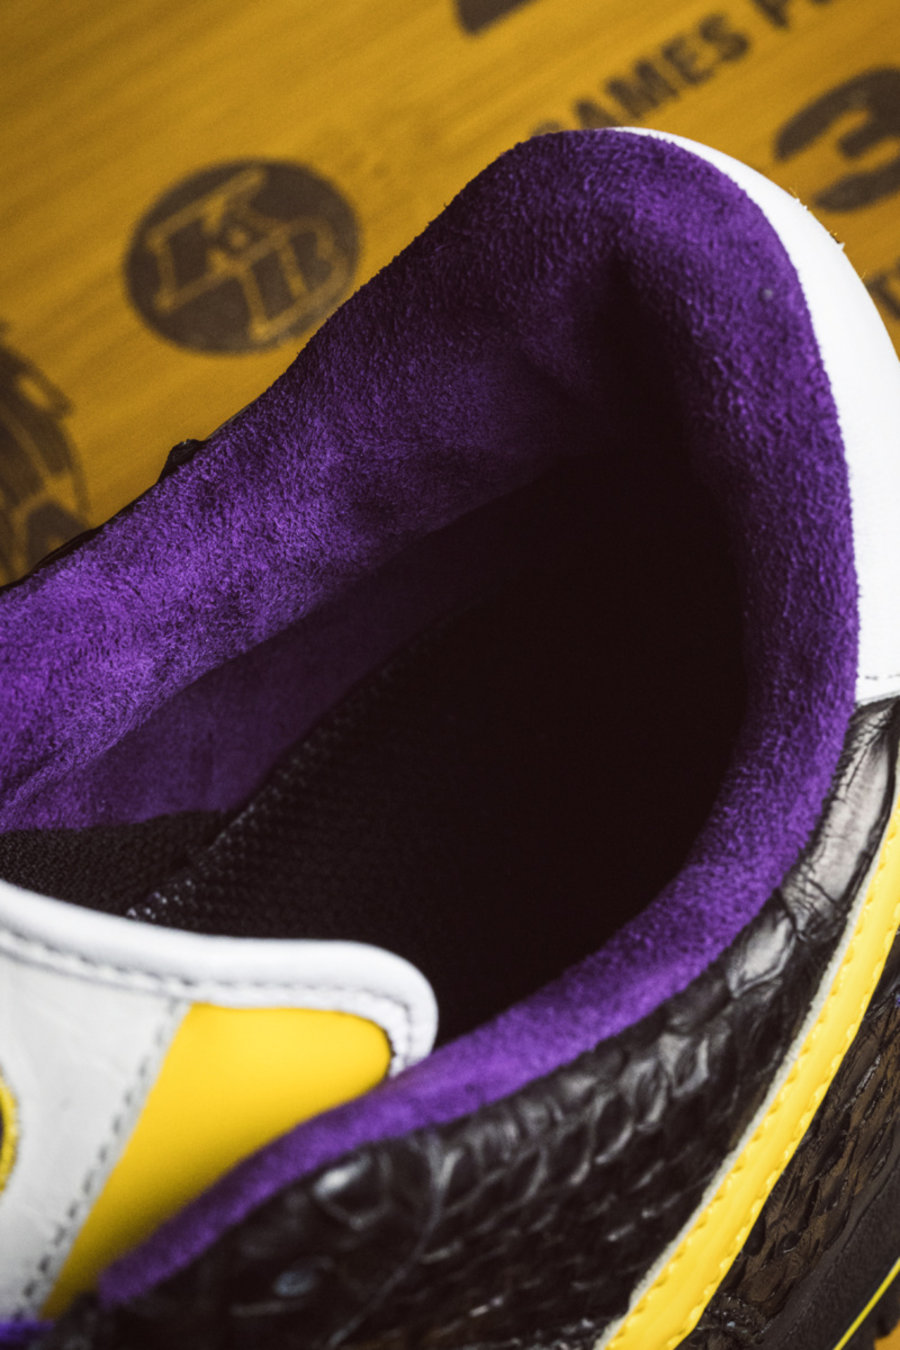 Air Force 1,AF1,Nike,球鞋定制,科比,开  打开鞋盒瞬间泪目!限量 24 双的科比球鞋抢先开箱!买不到也得看看